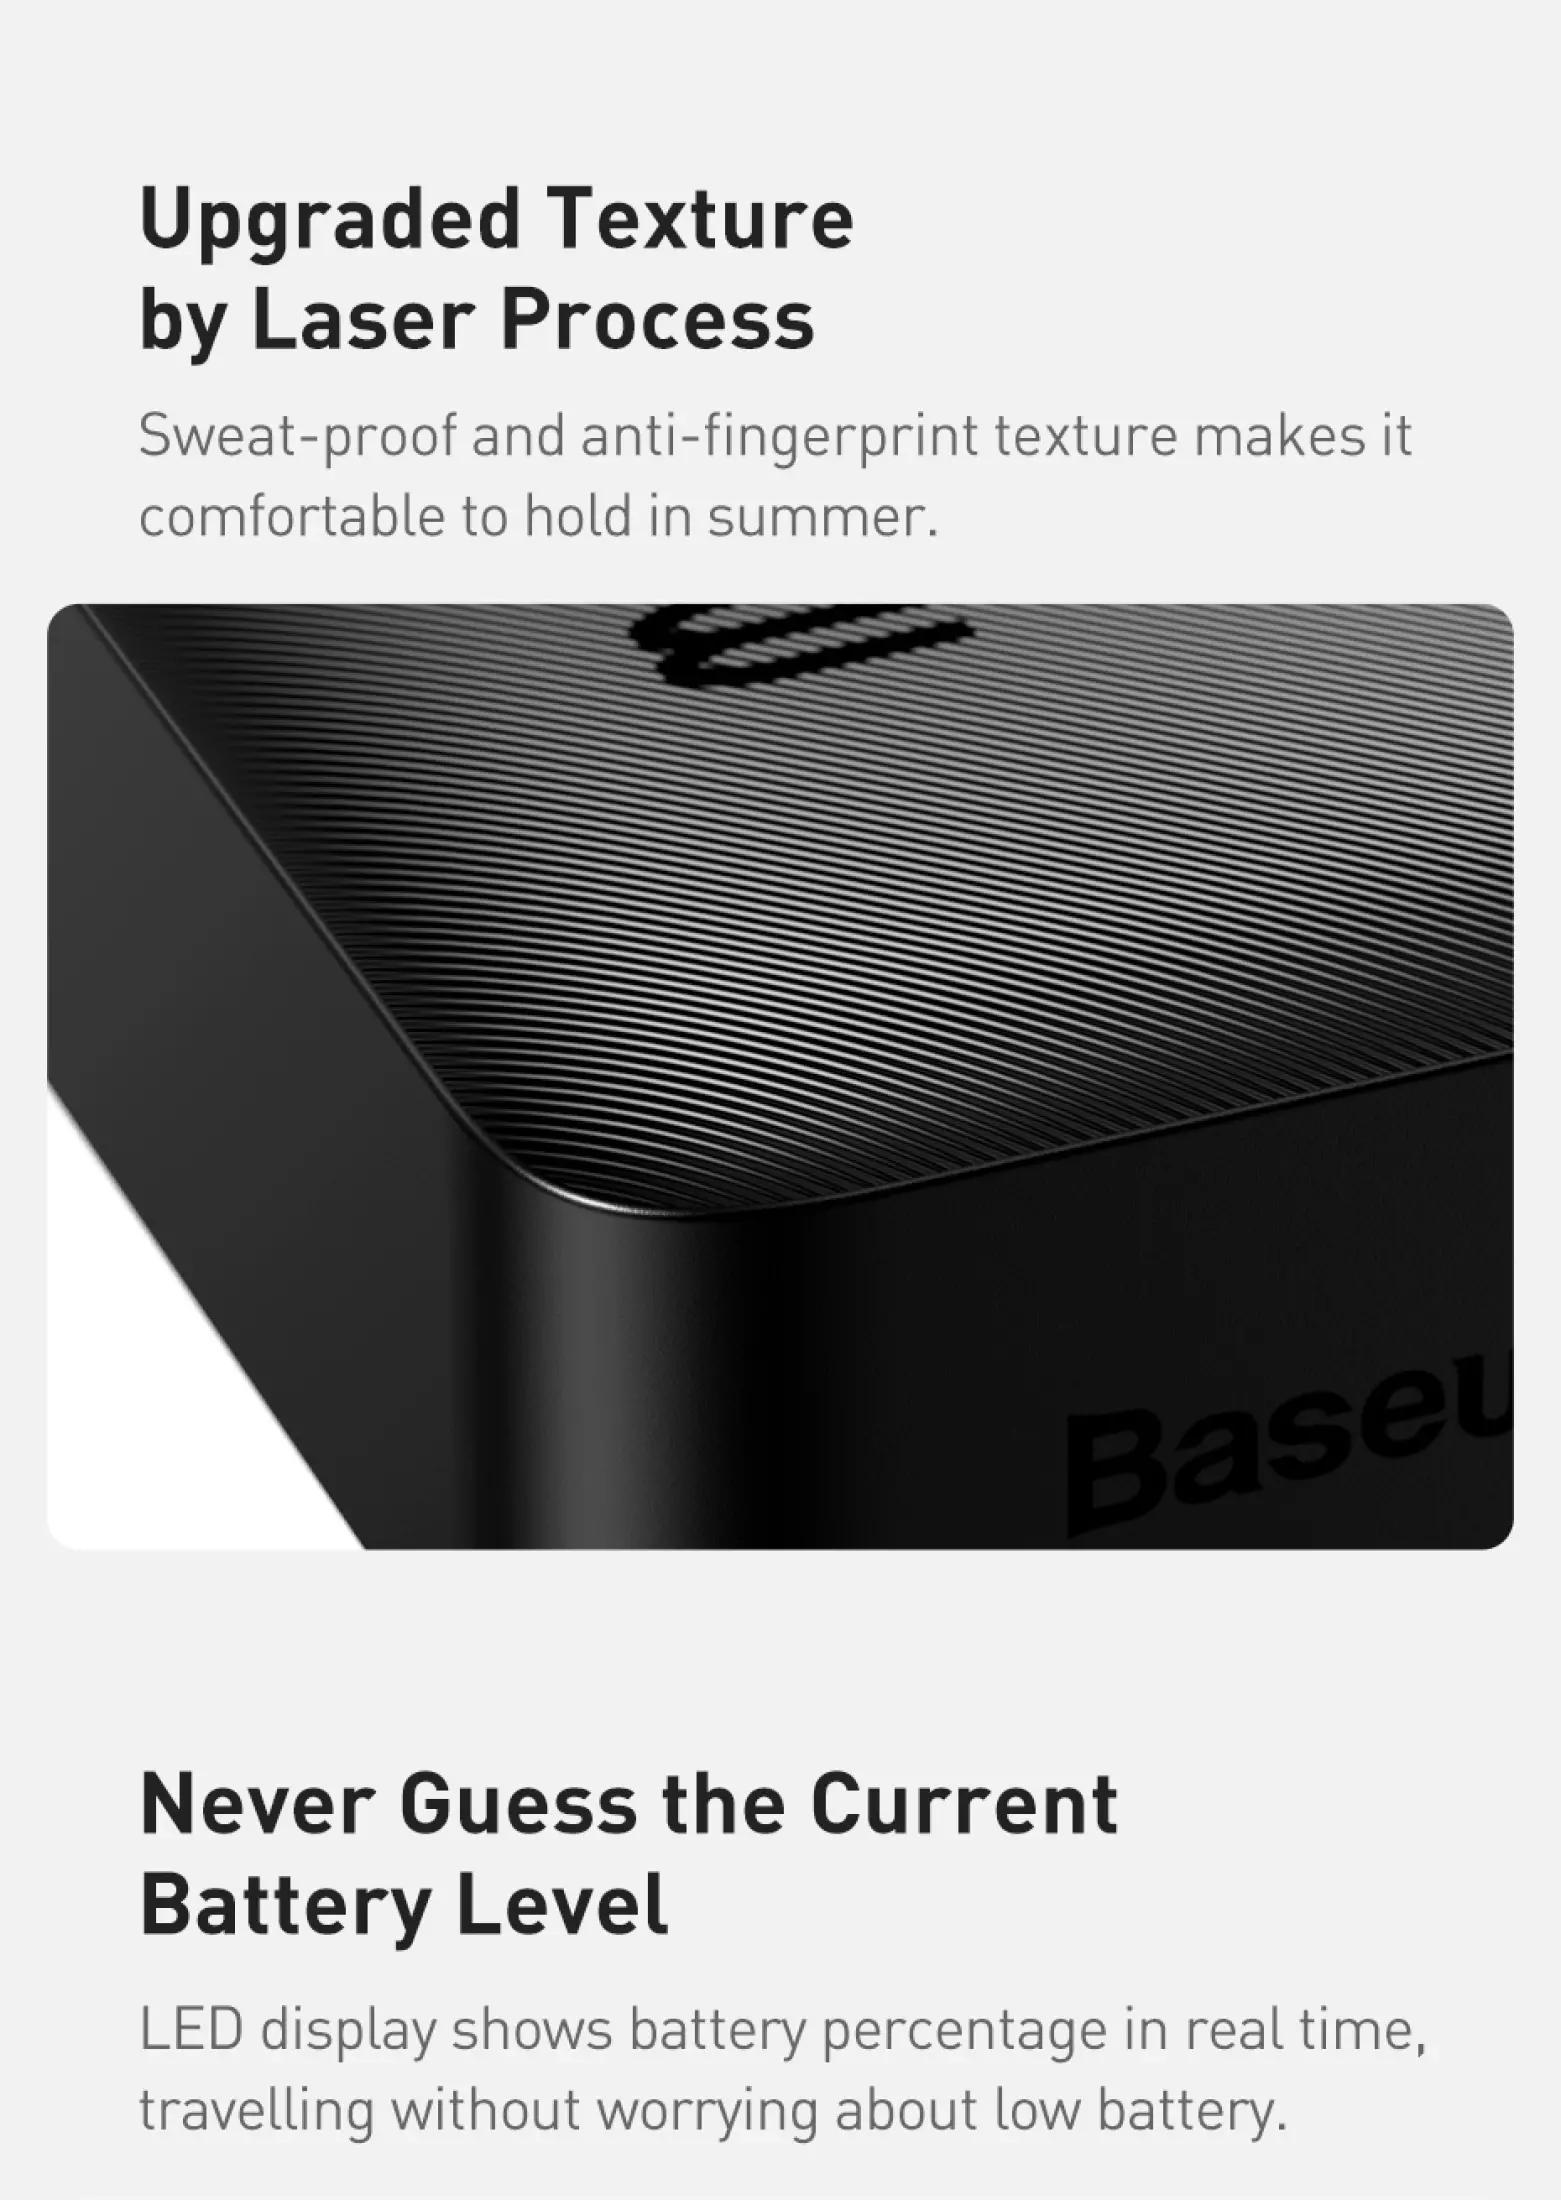 Pin sạc dự phòng Baseus dung lượng 10000mAh công suất 15W hoặc 20W, màn hình LED hiển thị, sạc nhanh QC, PD cho iPhone, Samsung, Xiaomi,....-Phân phối chính hãng tại Baseus Việt Nam 8